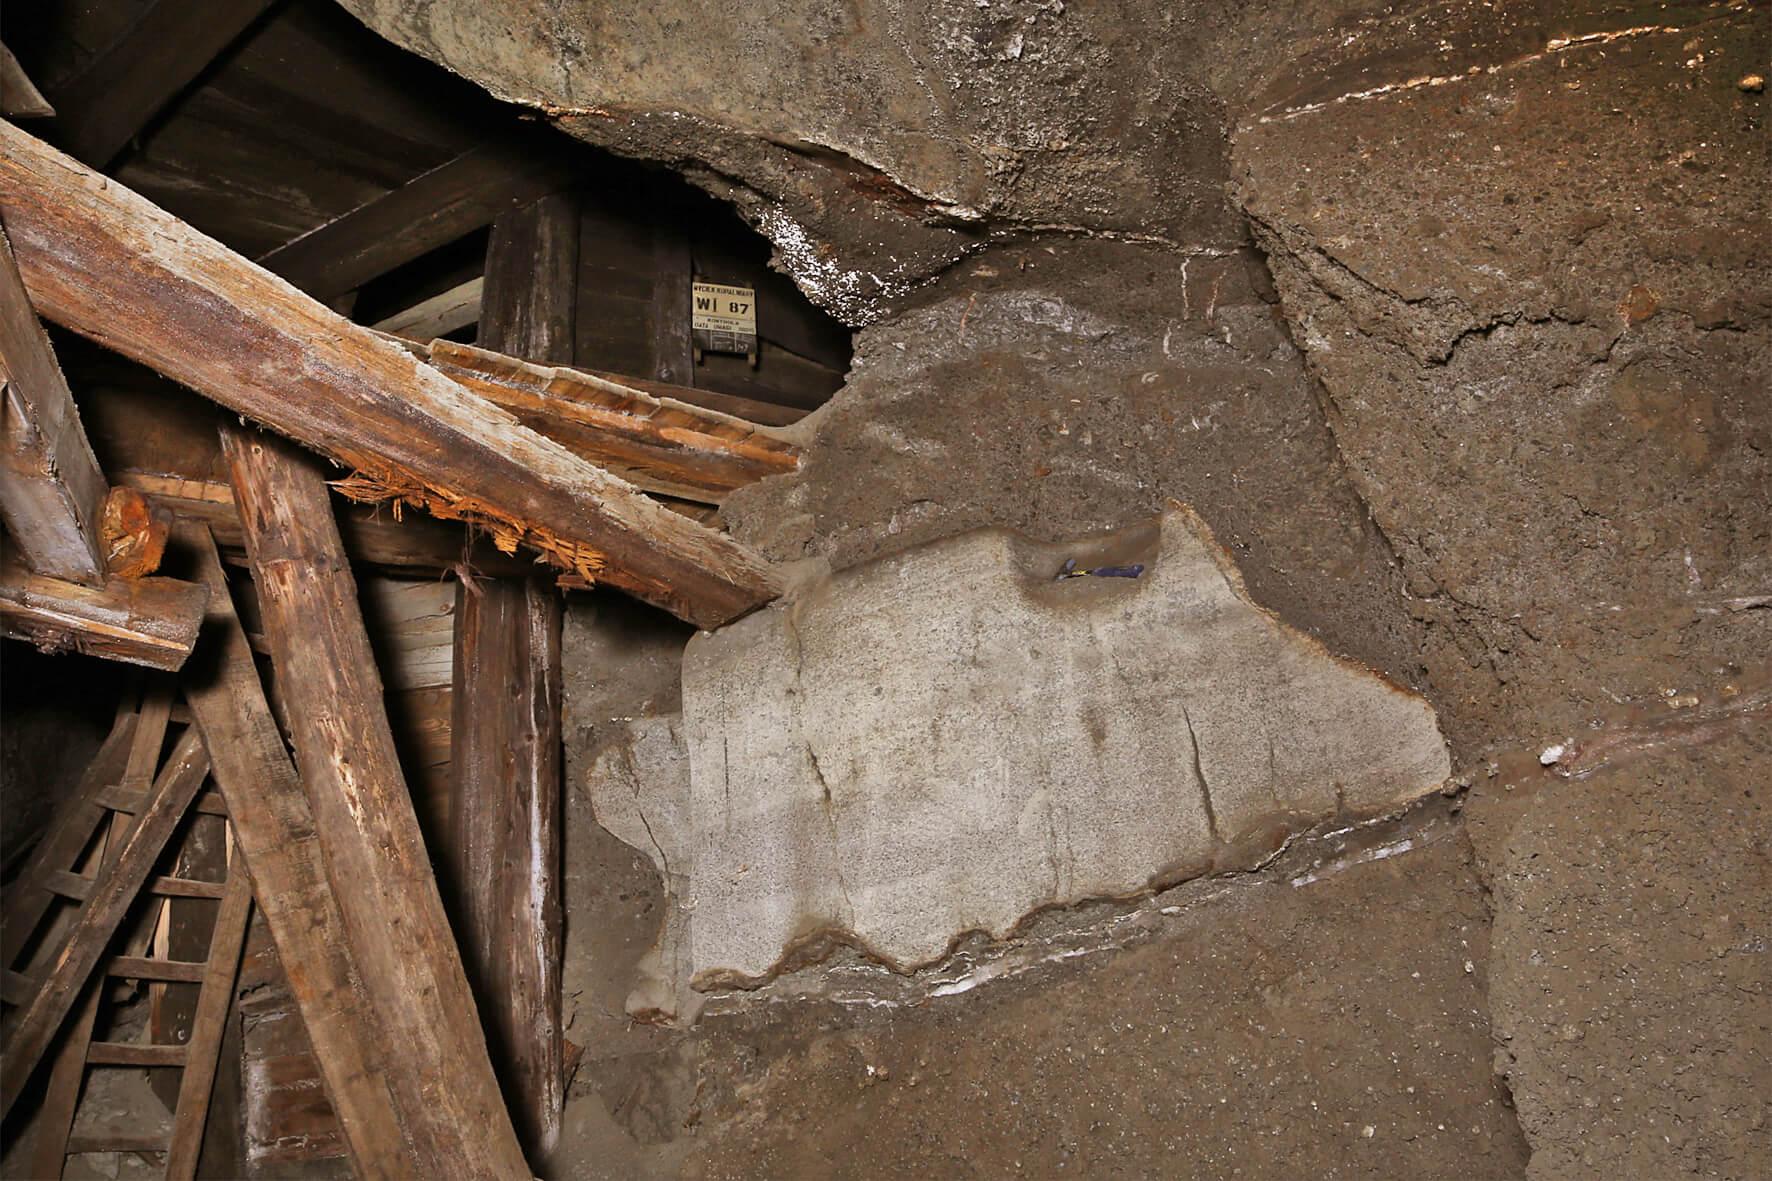 Bryła soli dolomitycznej tkwiąca w zubrach